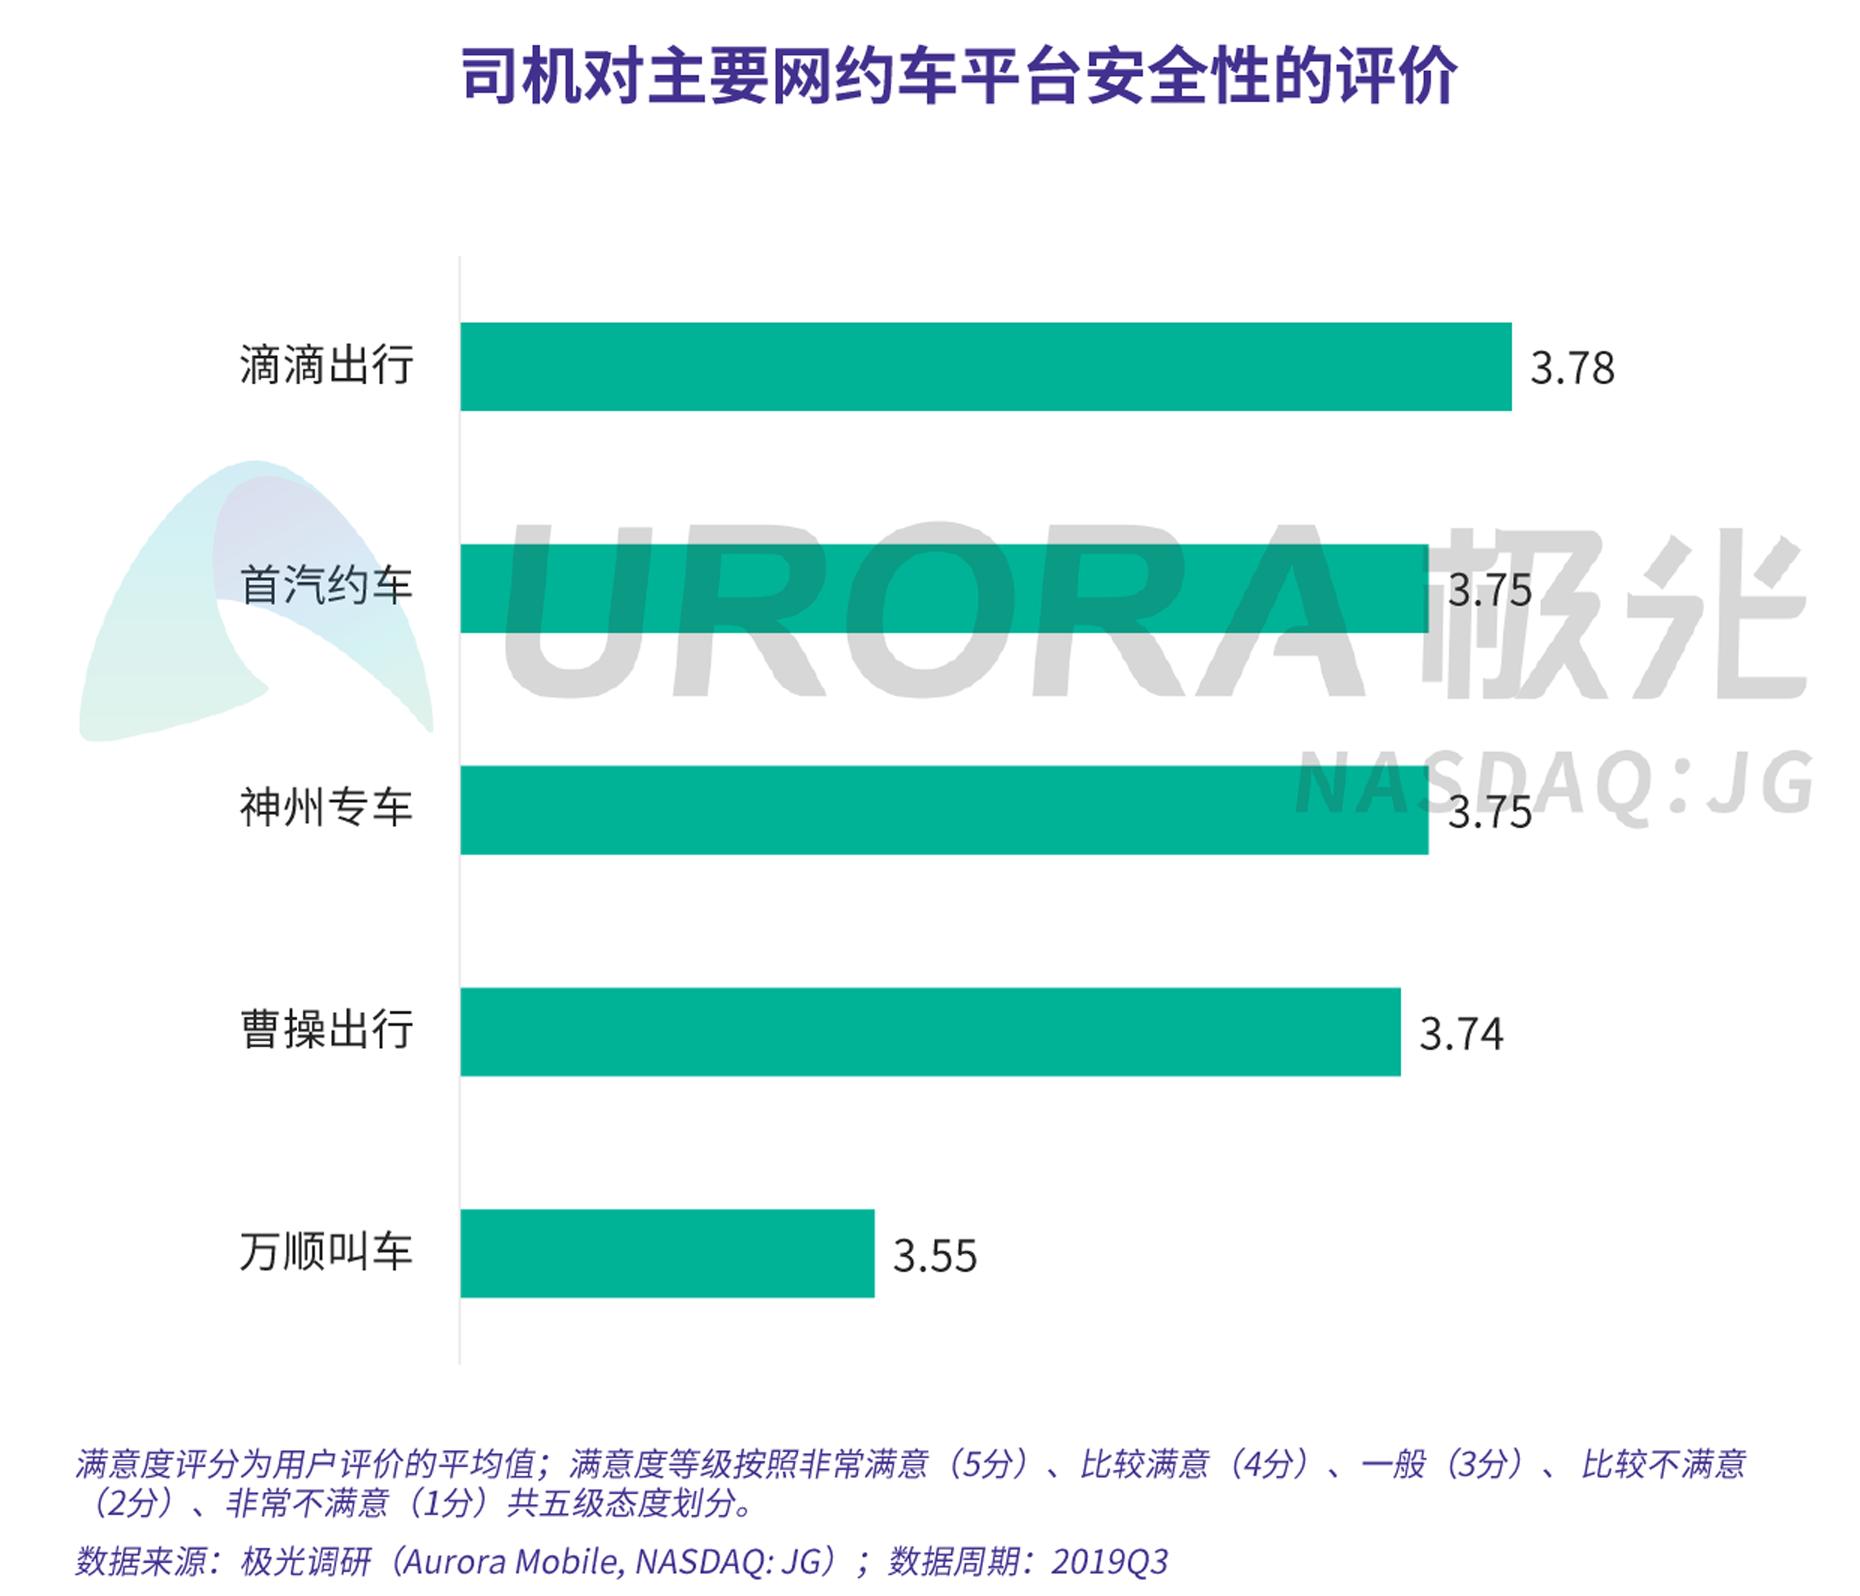 JIGUANG-网约车出行安全用户信心研究-新版-V4-25.png